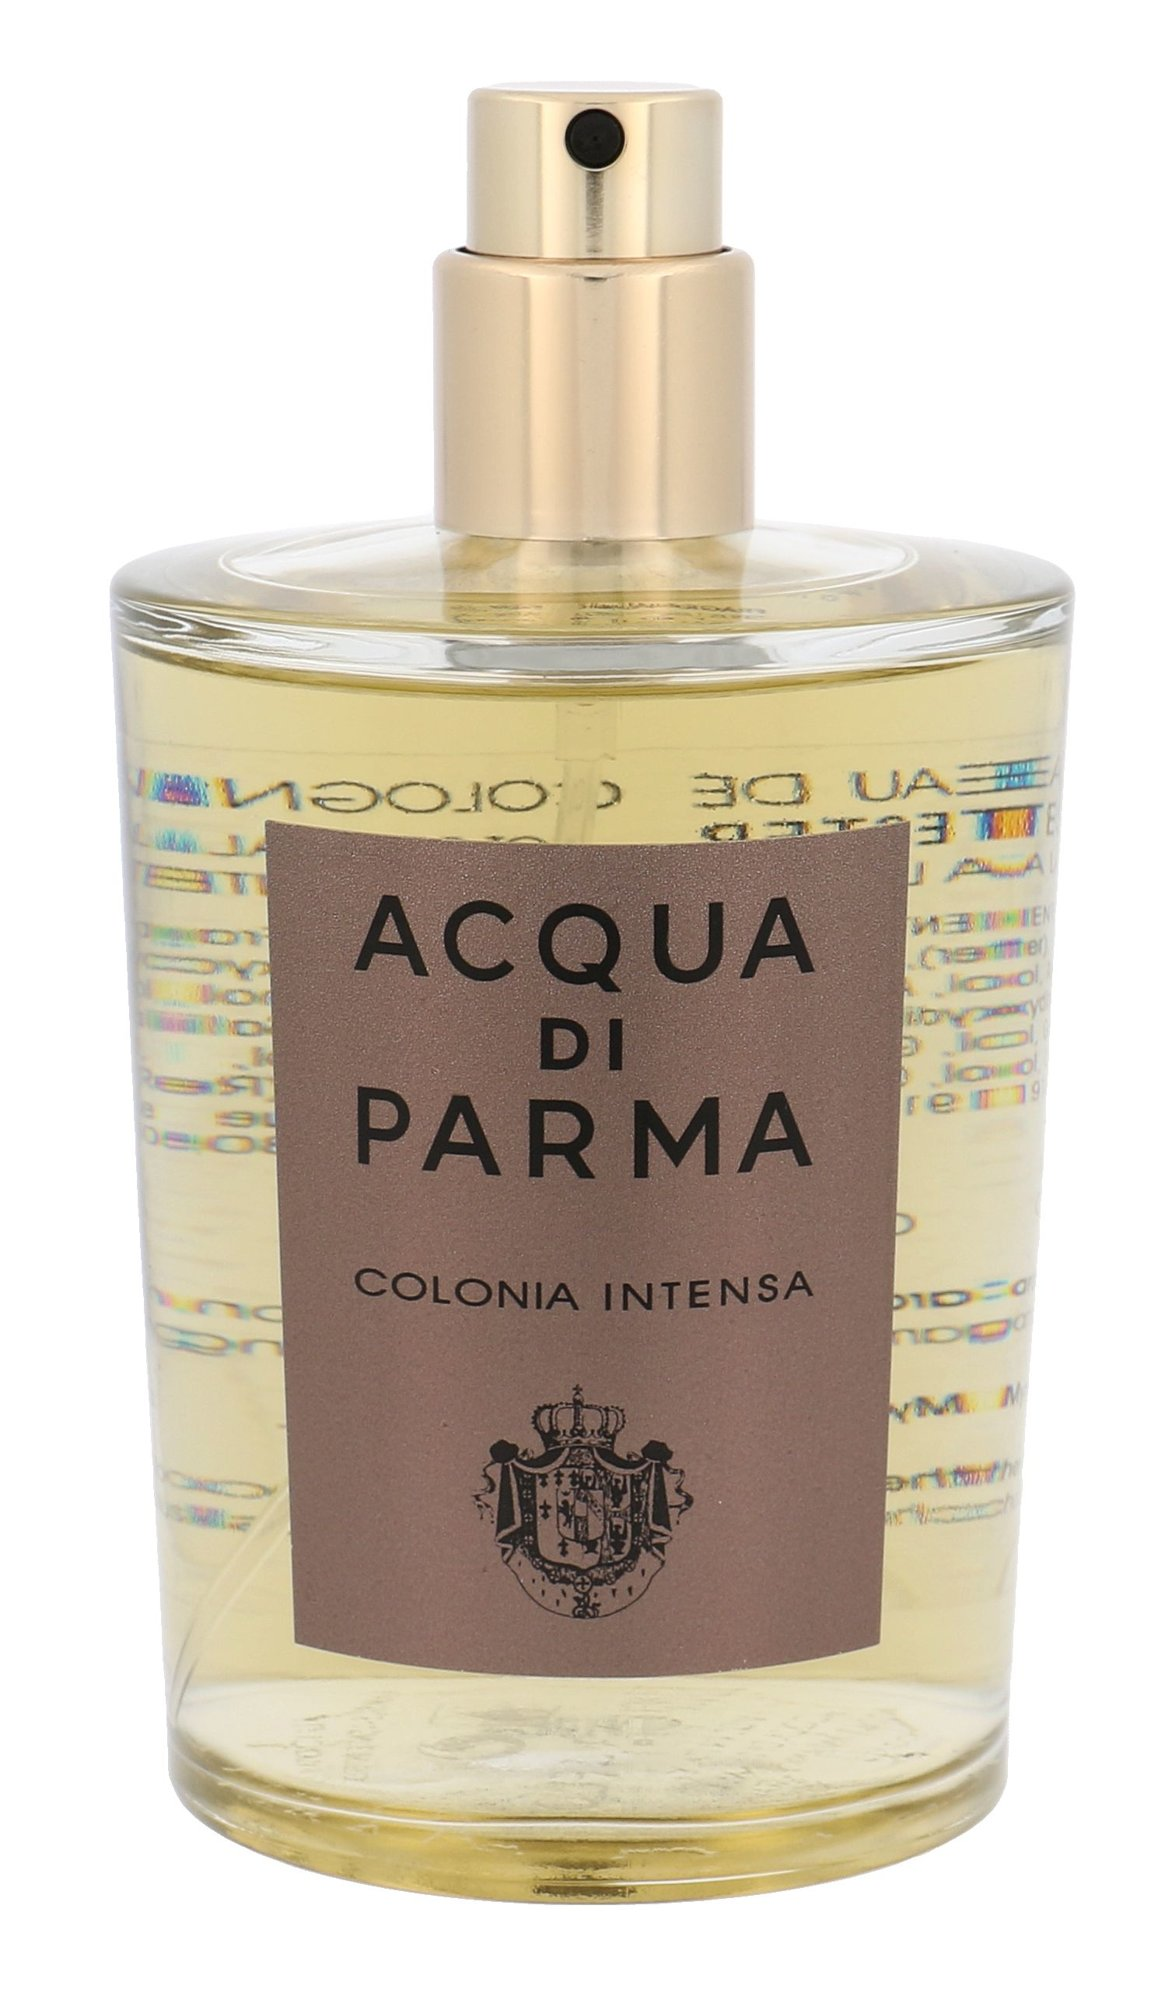 Acqua di Parma Colonia Intensa Cologne 100ml